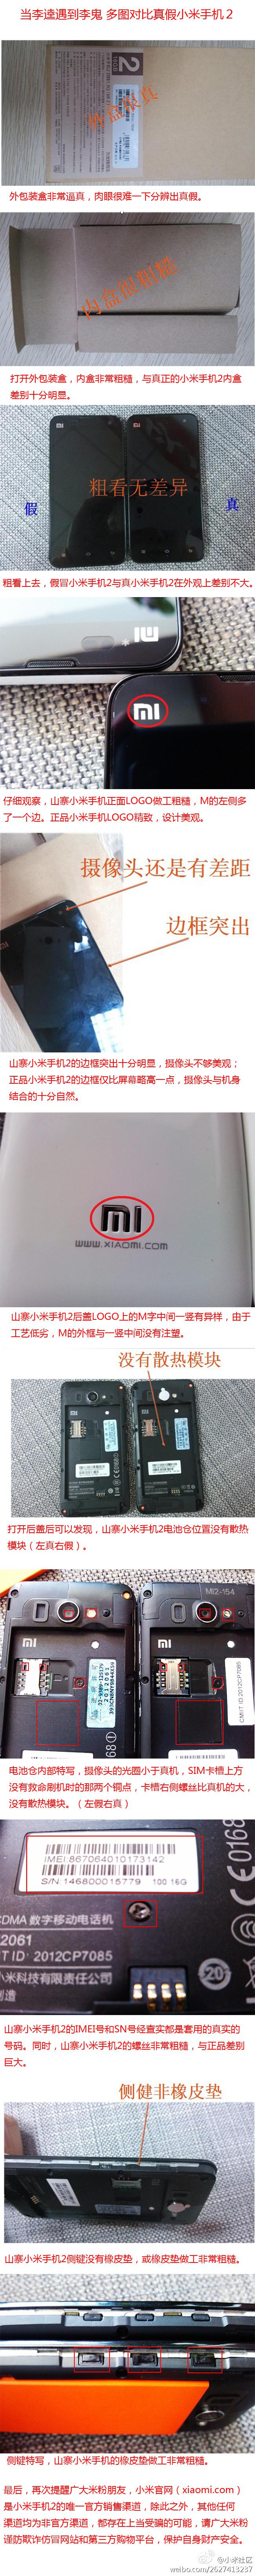 真假小米手机如何辨别?官方推出小米手机2辨别说明